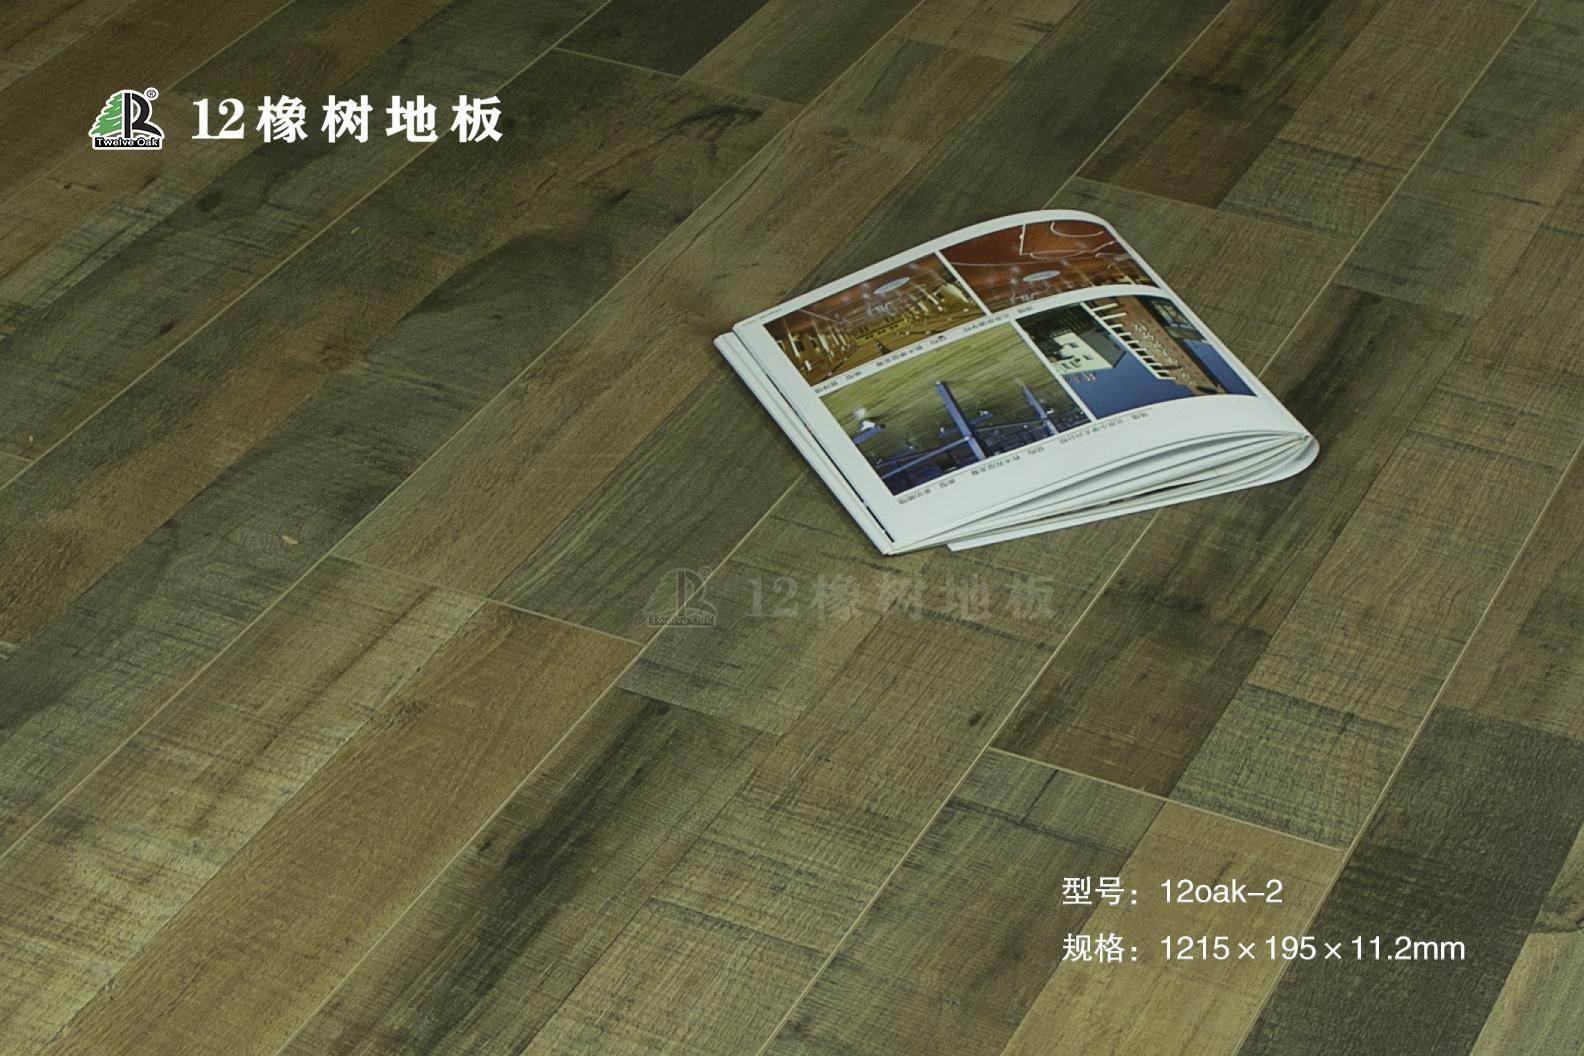 12橡树地板产品图片展示